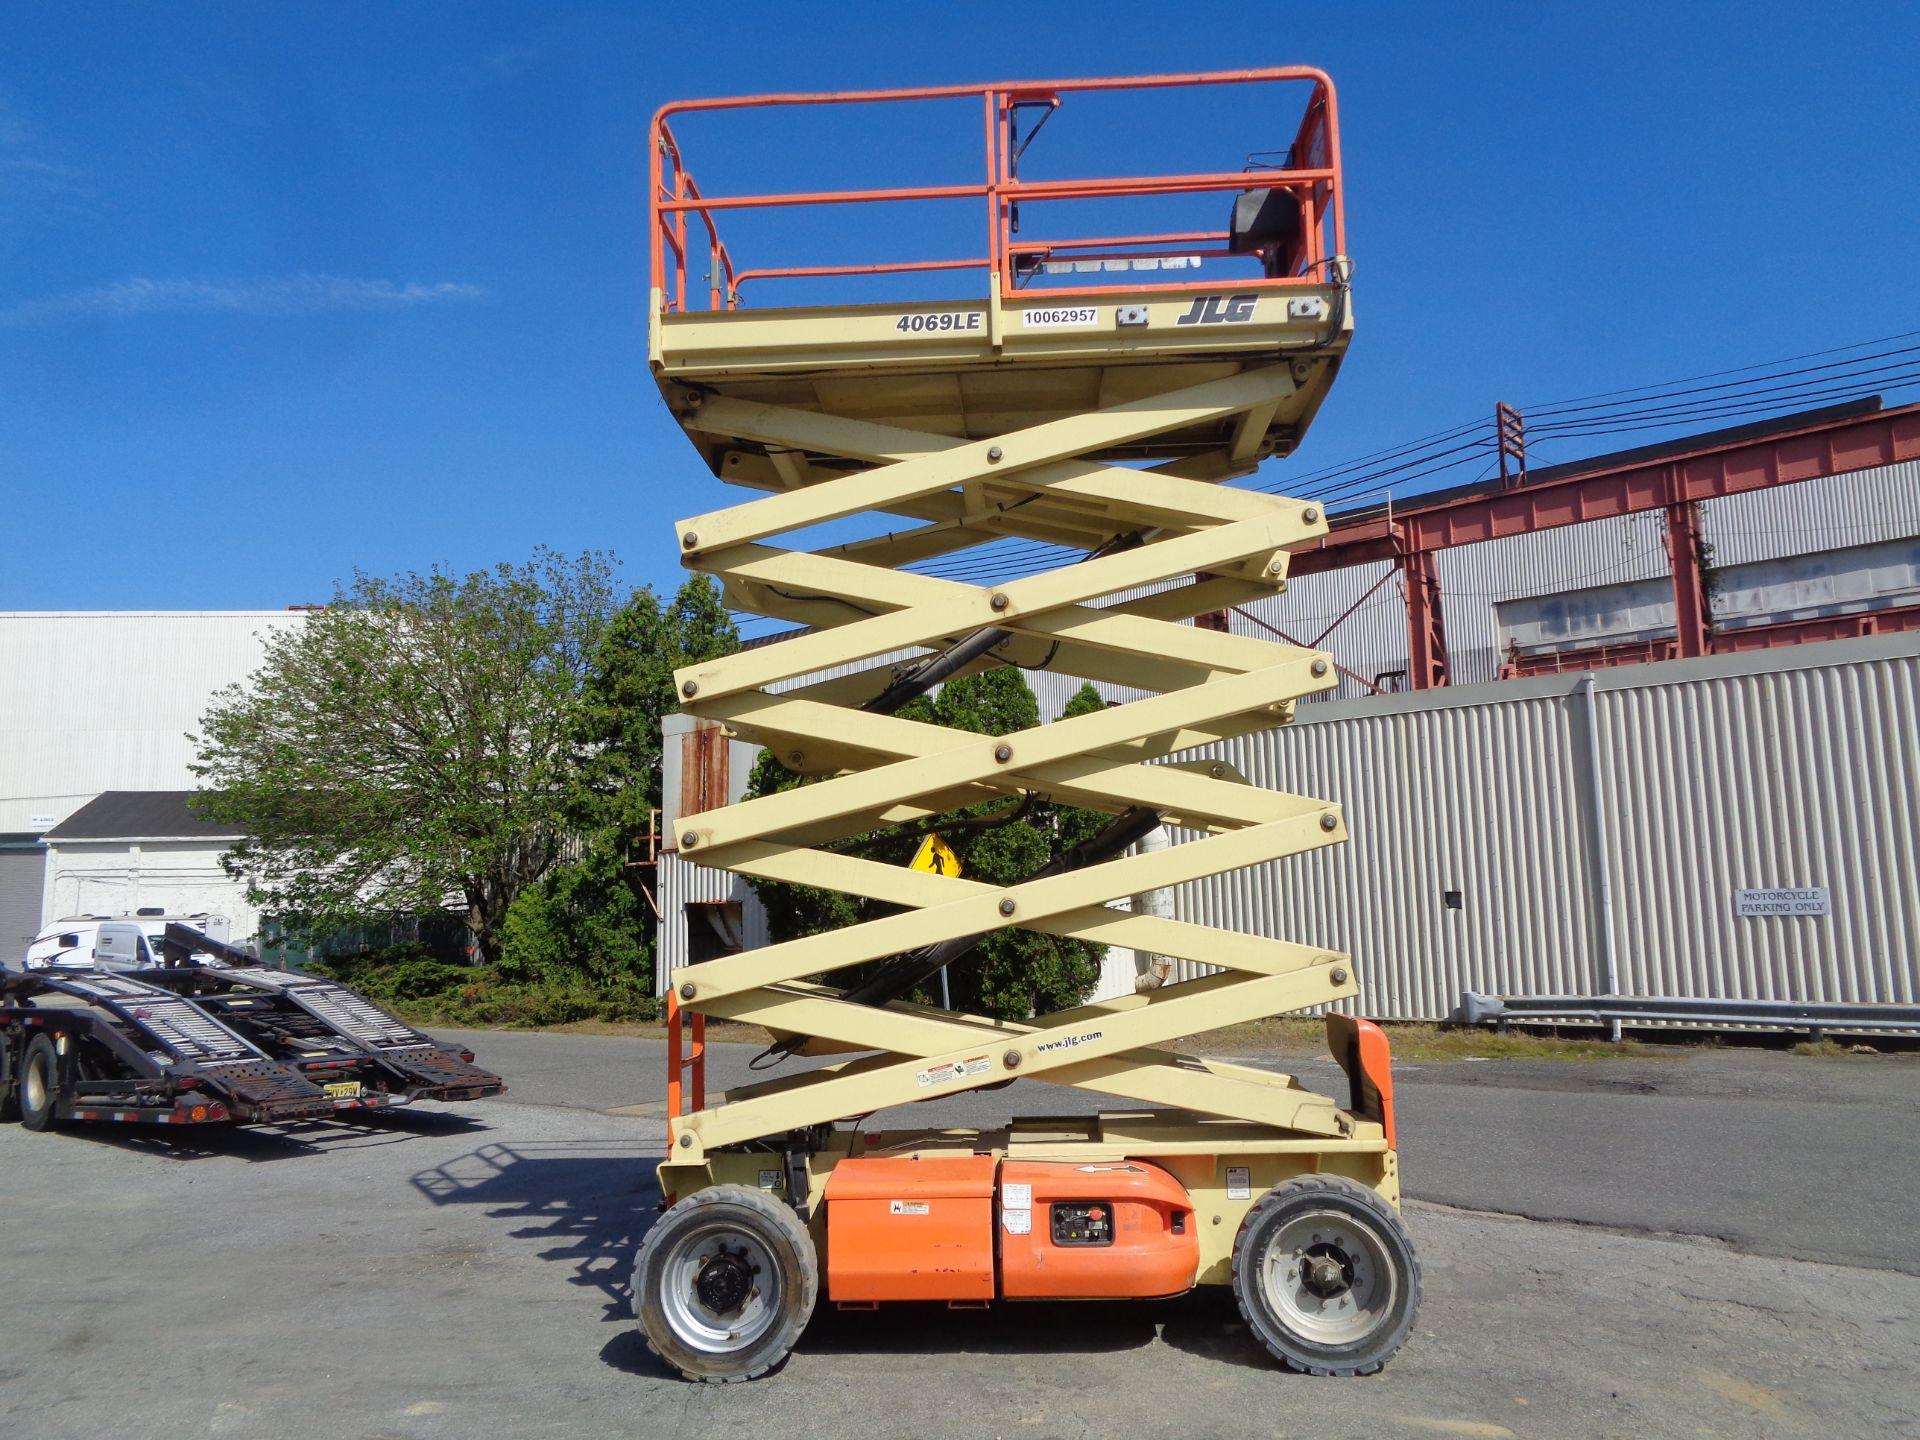 2012 JLG 4069LE 40 ft Electric Scissor Lift - Image 10 of 18